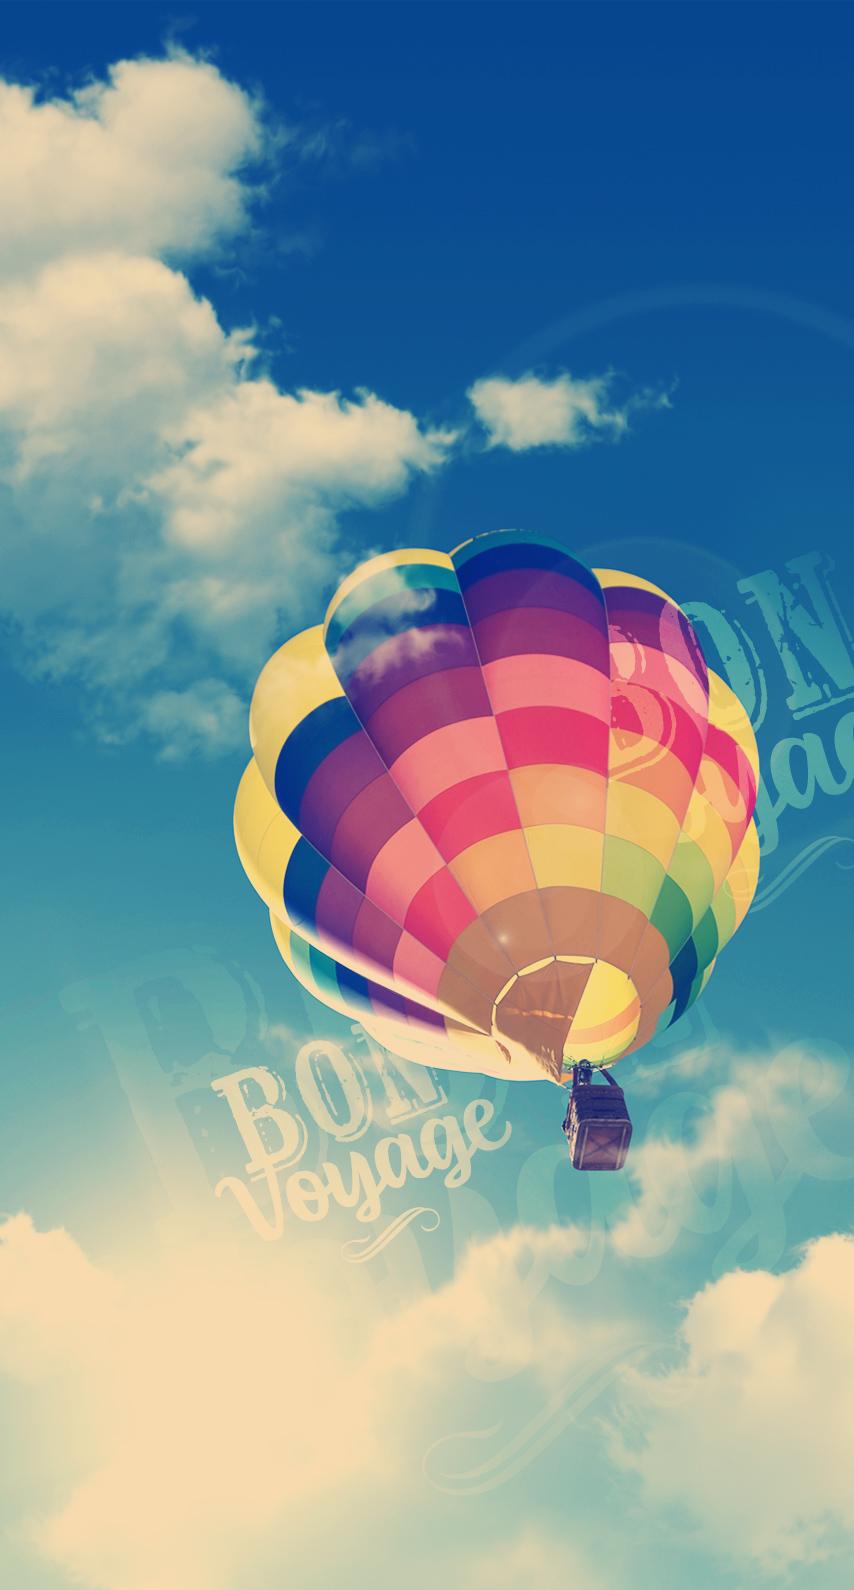 adventure, helium